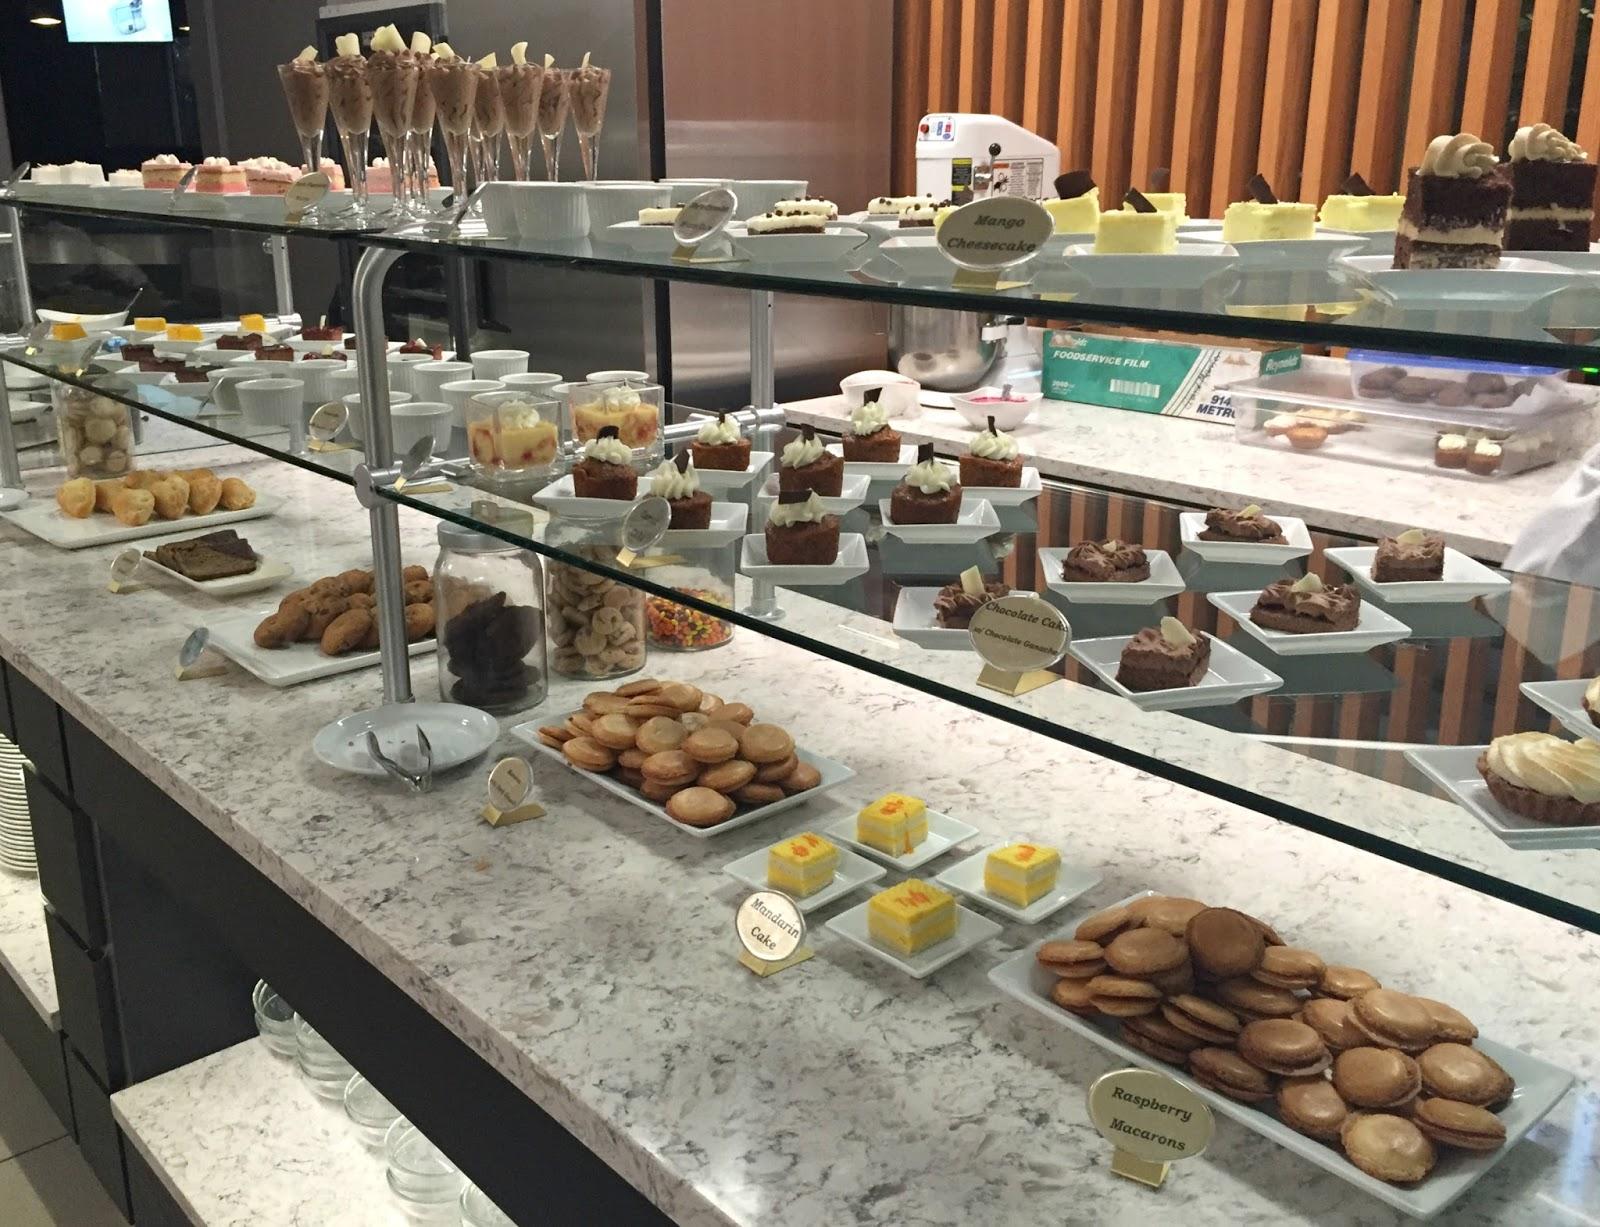 Plates buffet